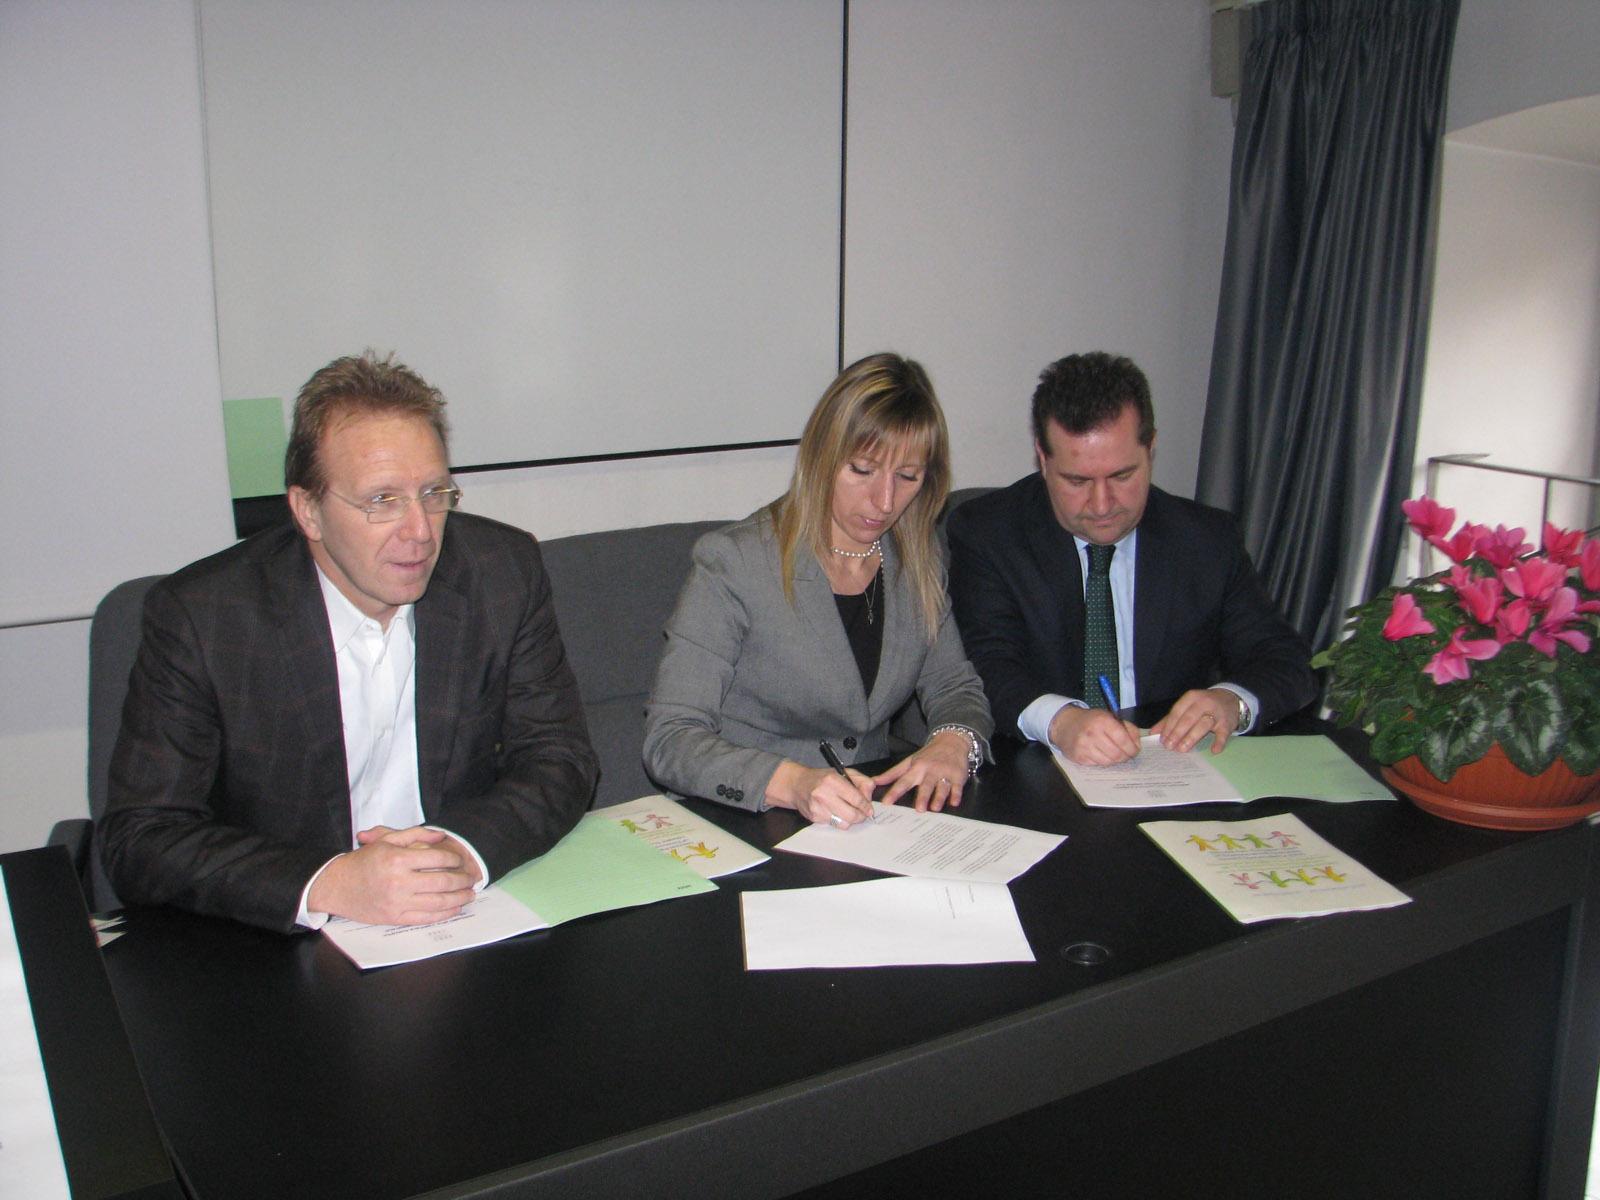 Conferenza stampa Giornate europee educazione ambientale  - 03 marzo 2014 - Terzi al centro Piccinelli e Bandera firmano laccordo